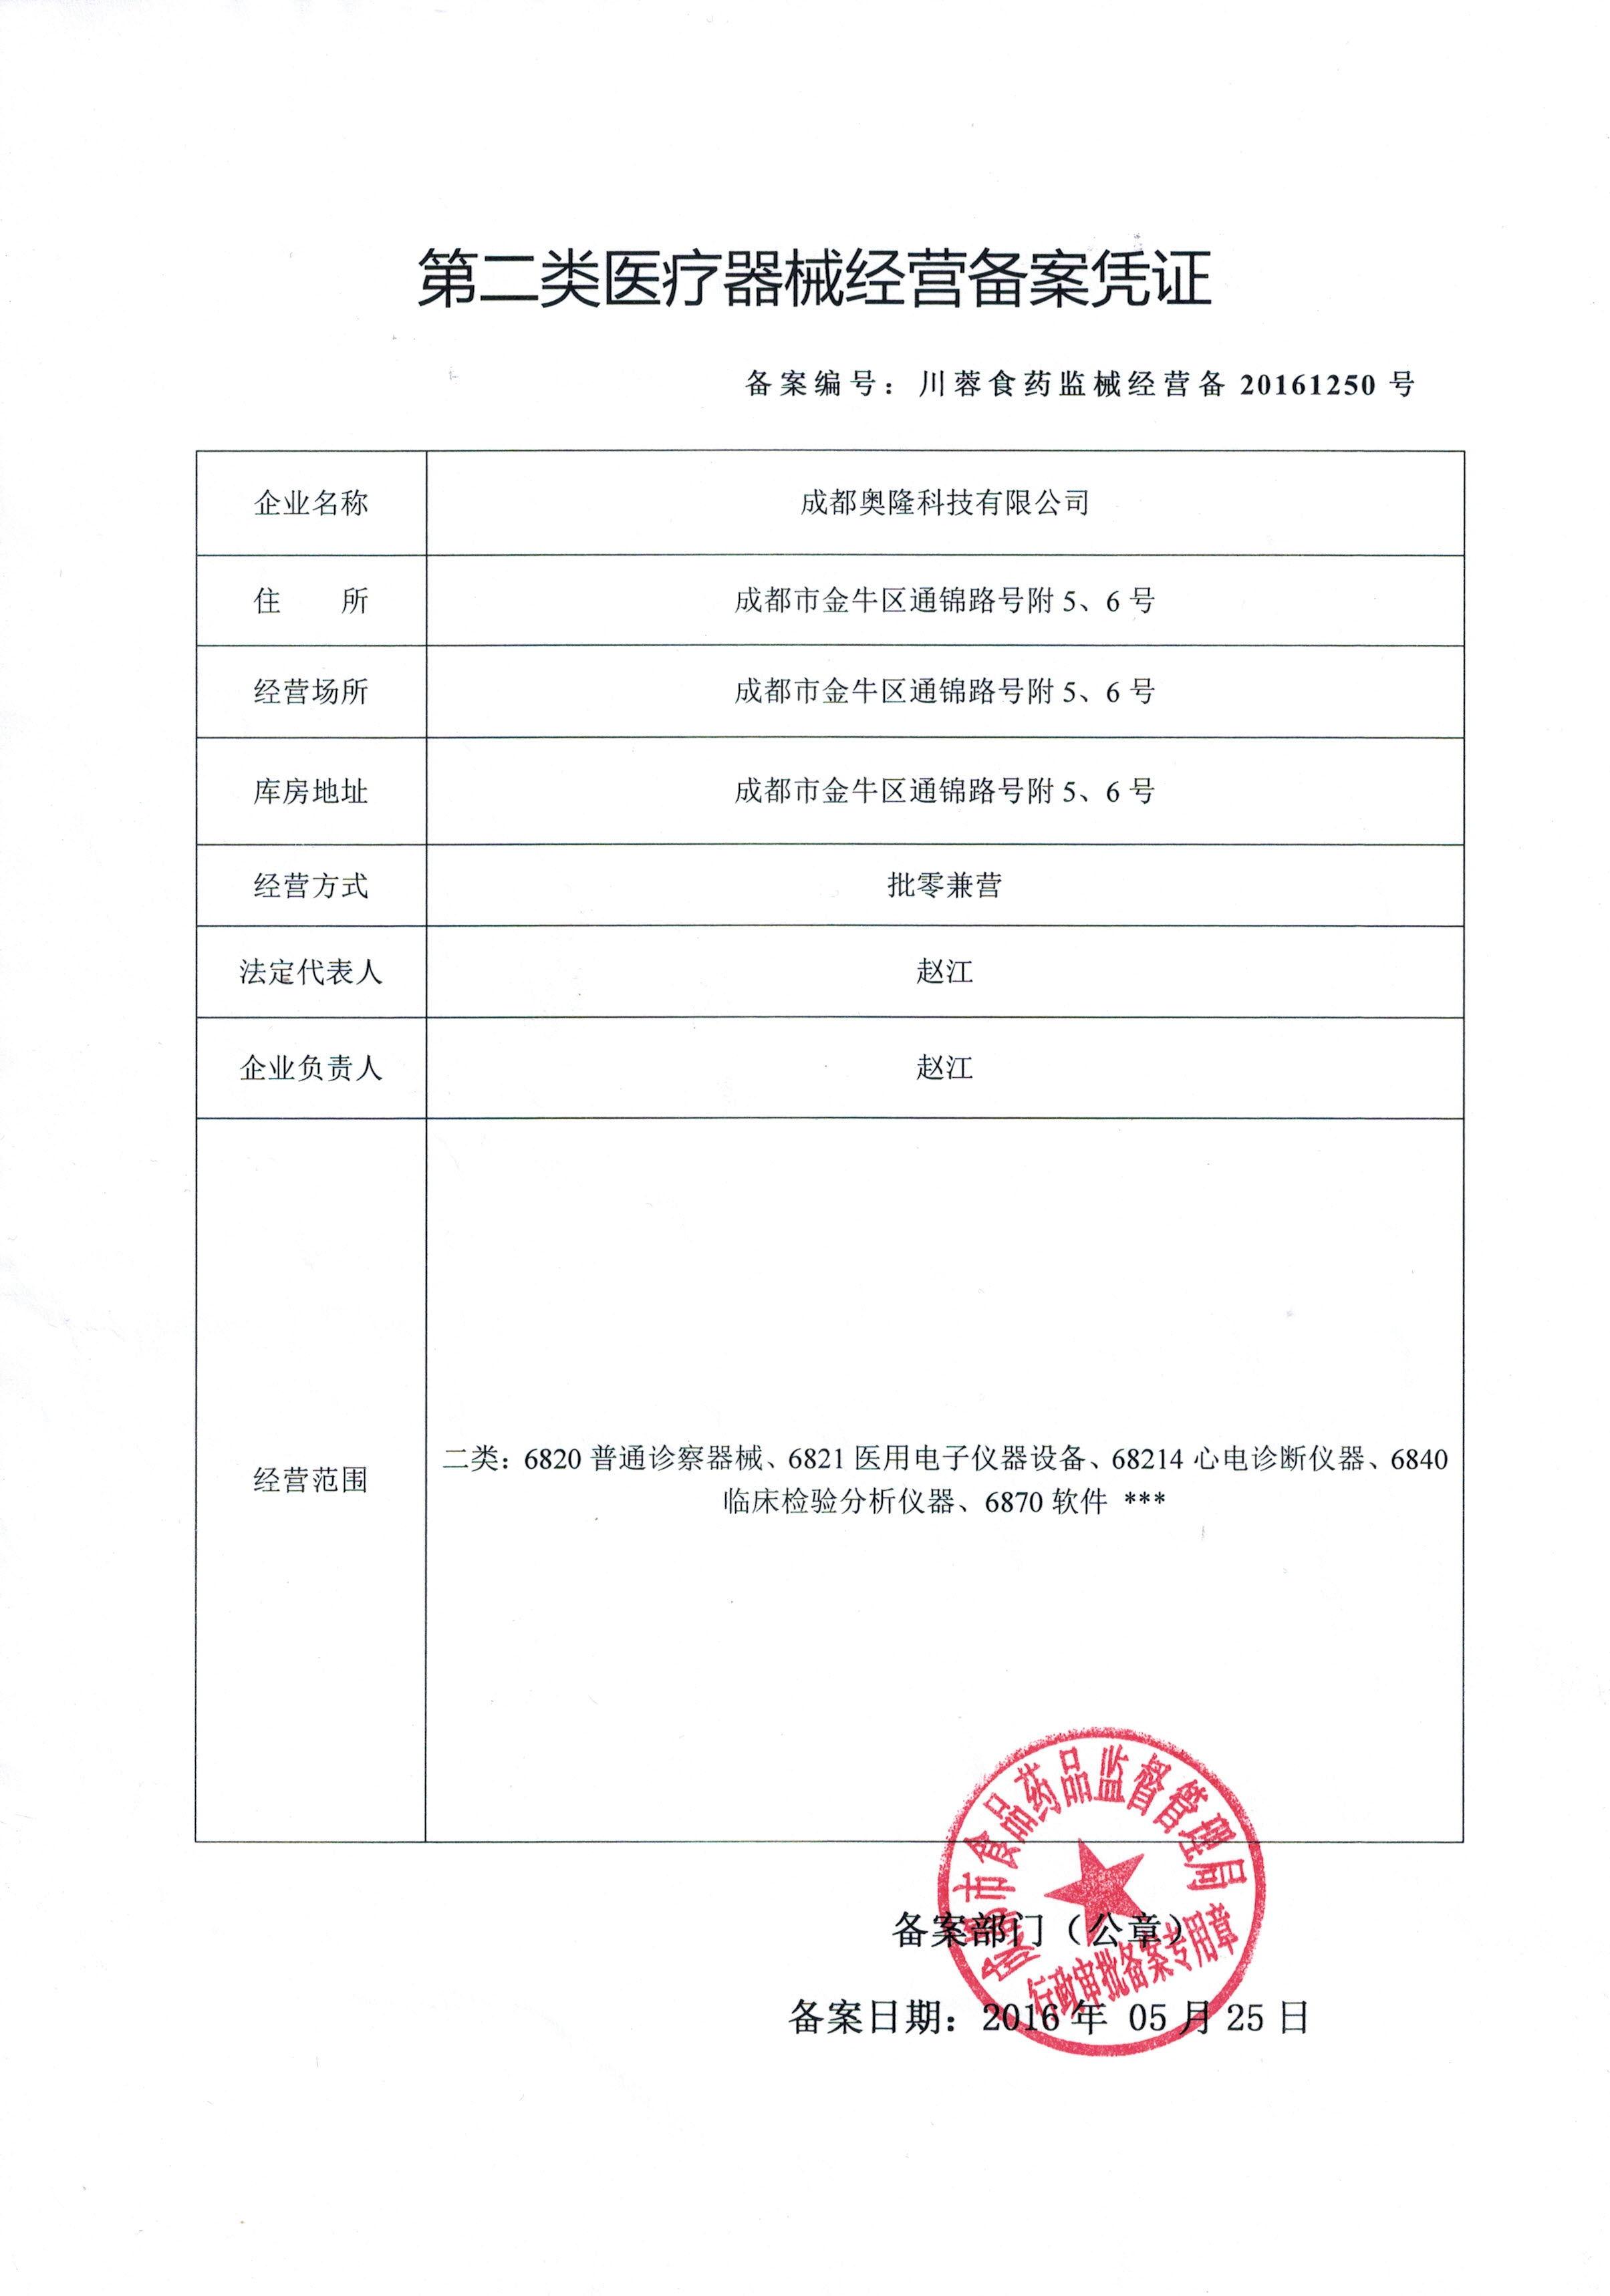 pdf 417.77kb 上一页 1 下一页 经营备案凭证